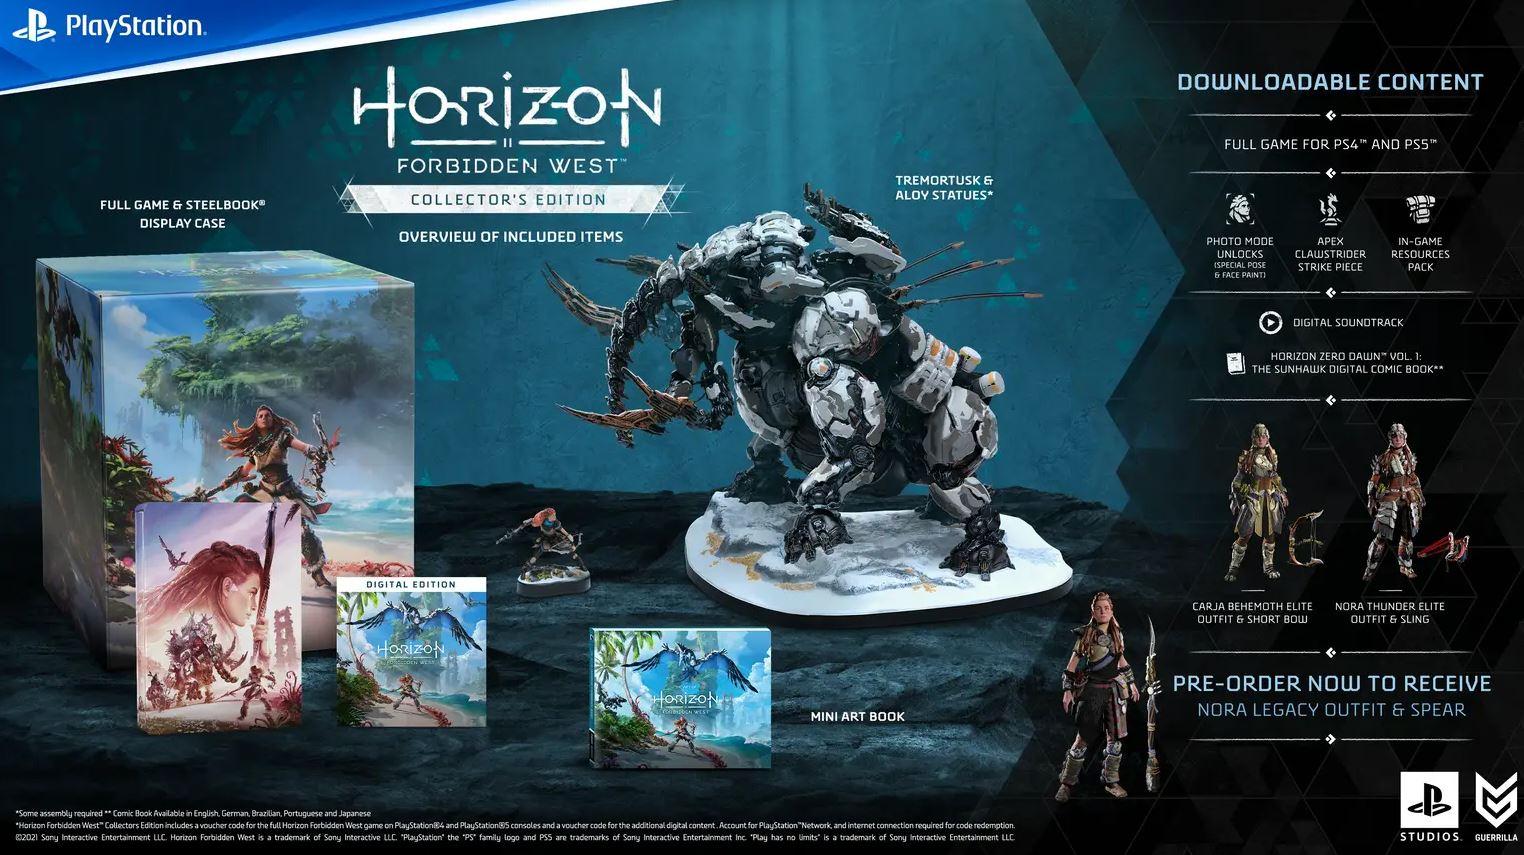 Horizon 392021 11